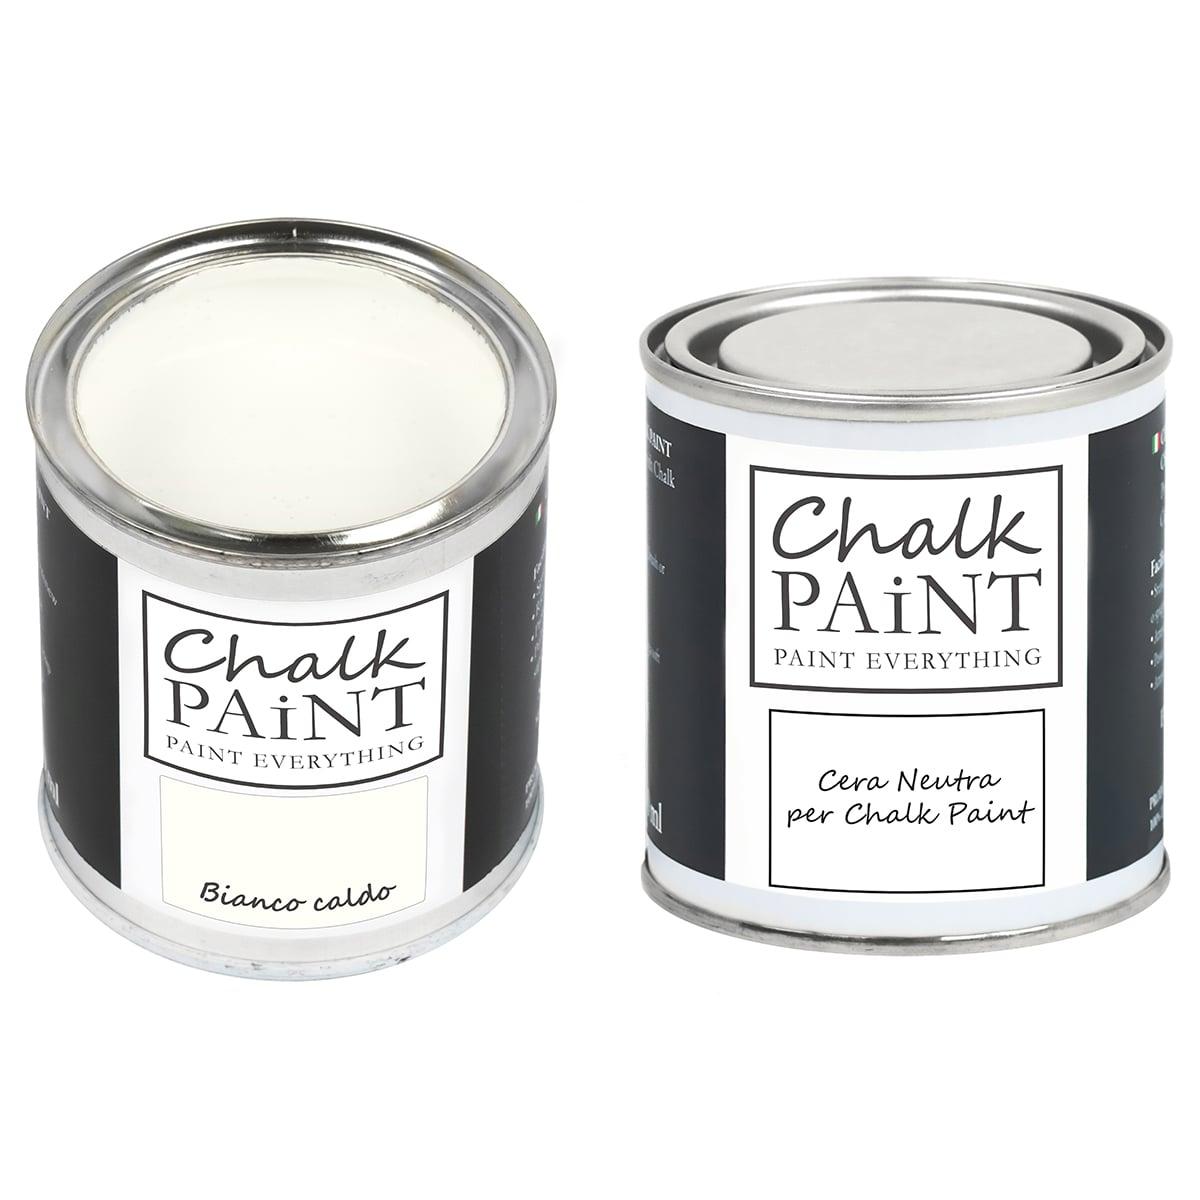 Bianco caldo Chalk paint e cera in offerta decora facile con paint magic